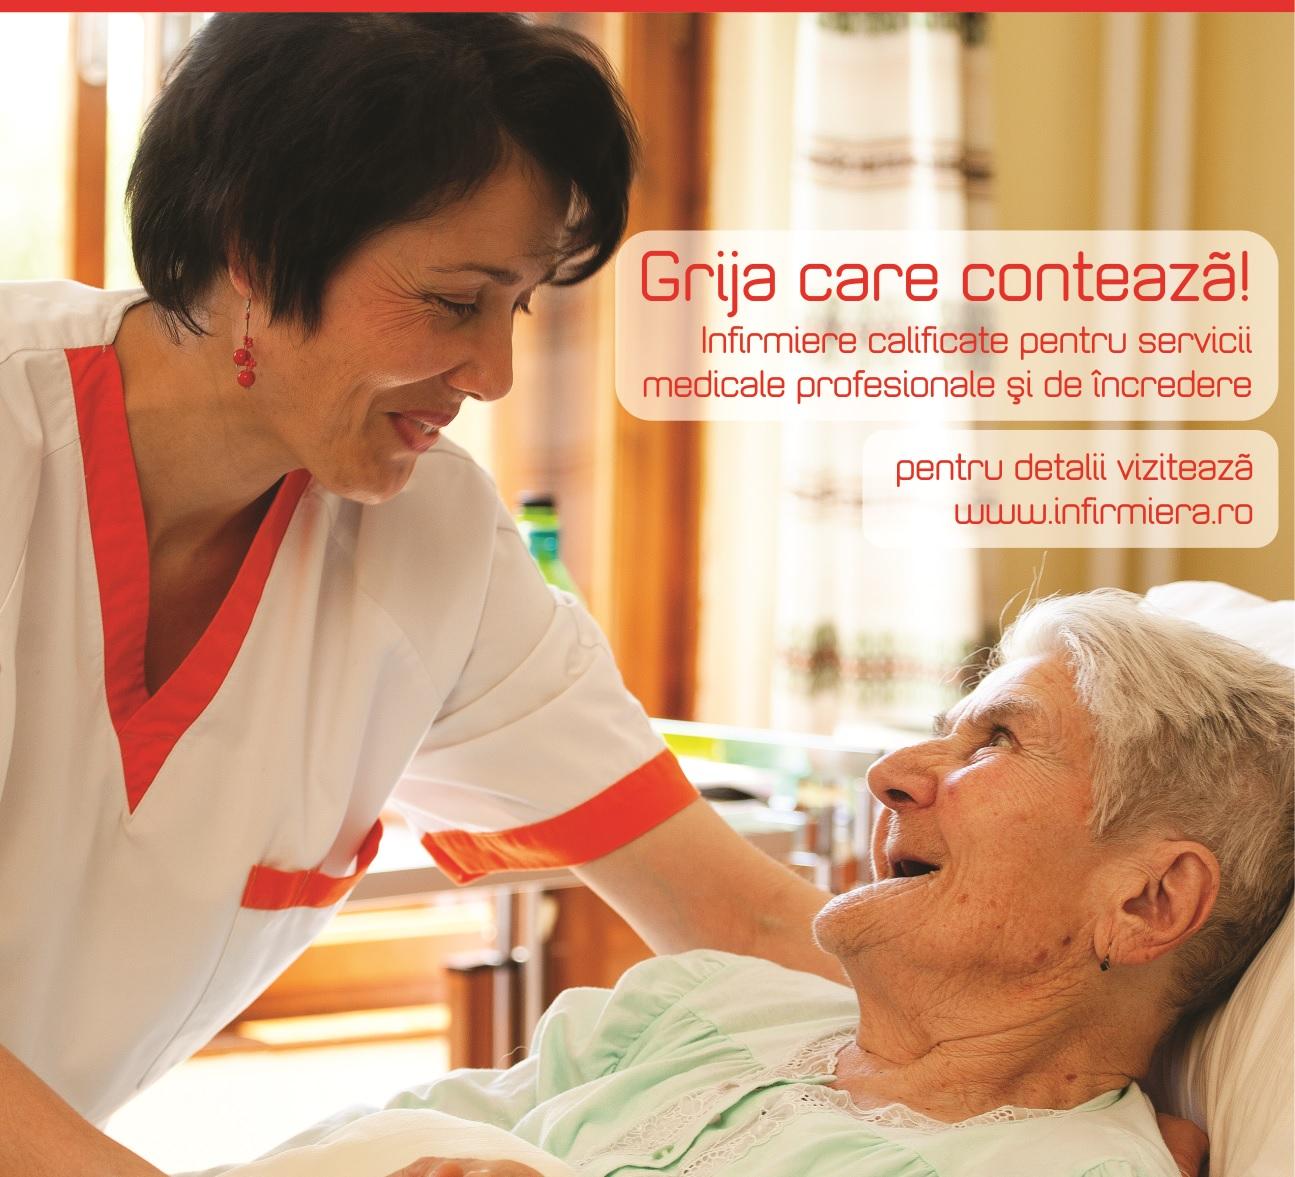 Calificarea femeilor in meseria de infirmier o sansa pentru servicii medicale si sociale de calitate